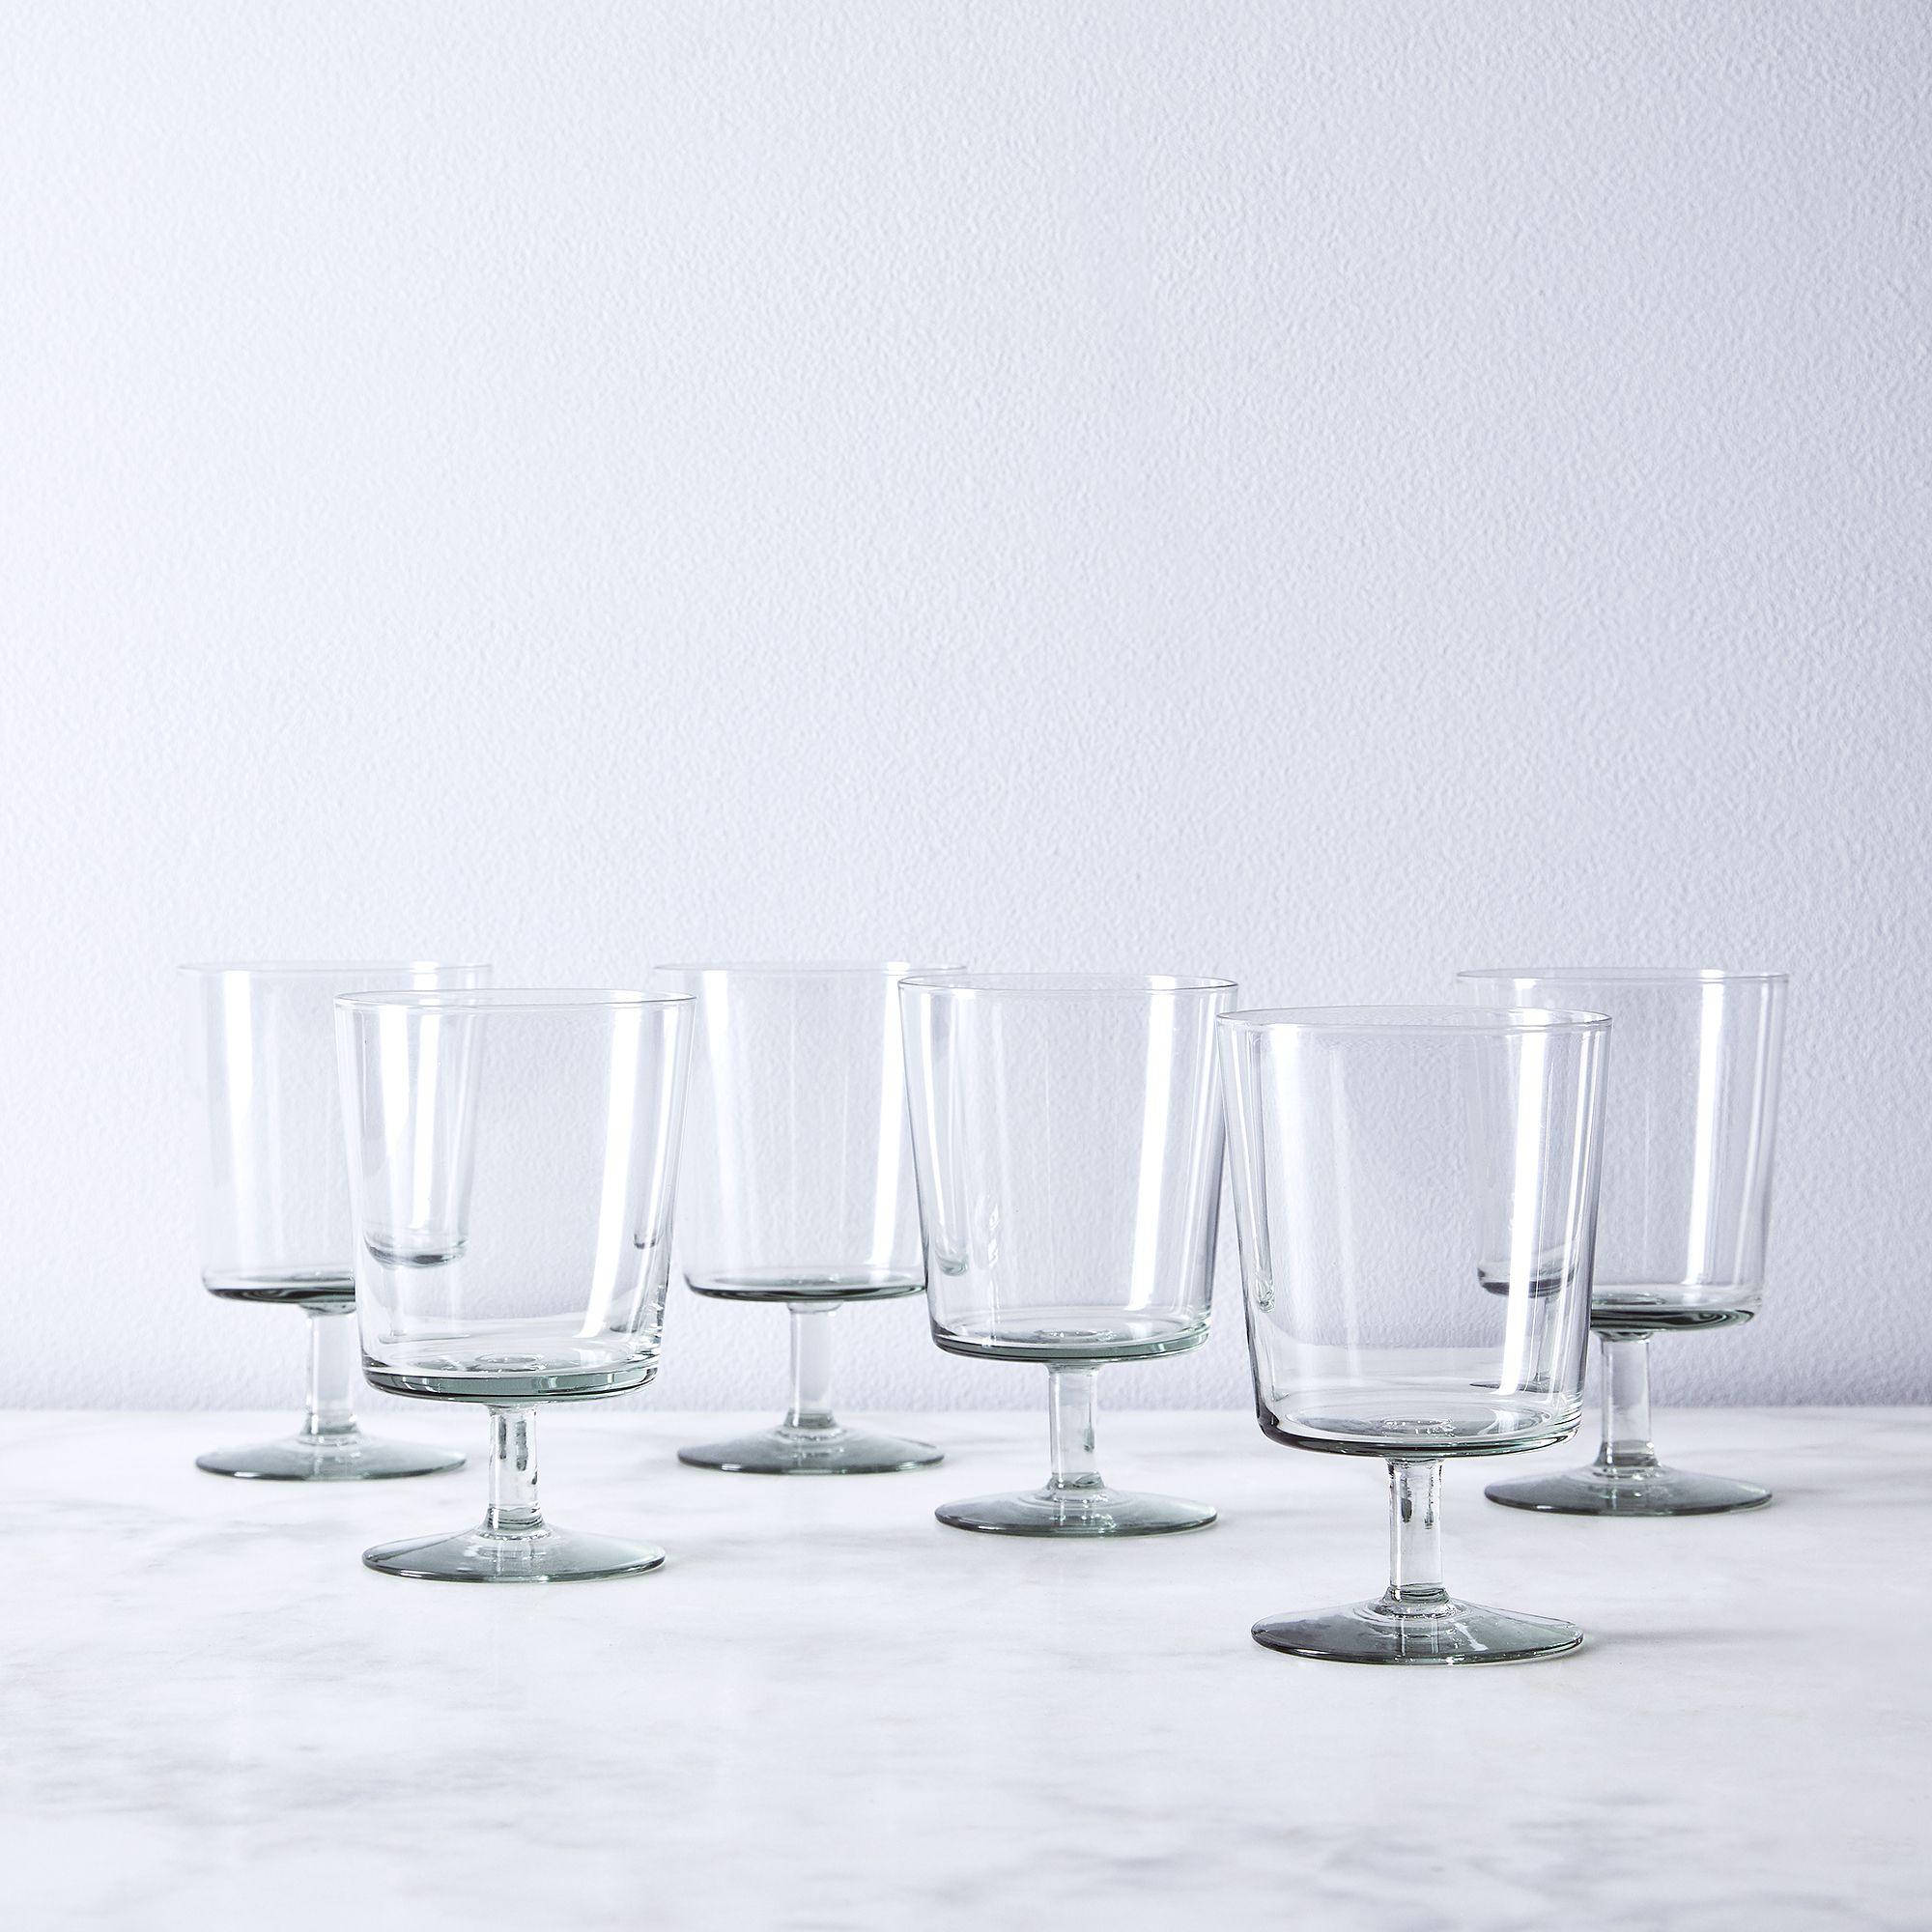 Table by Nancy Jo